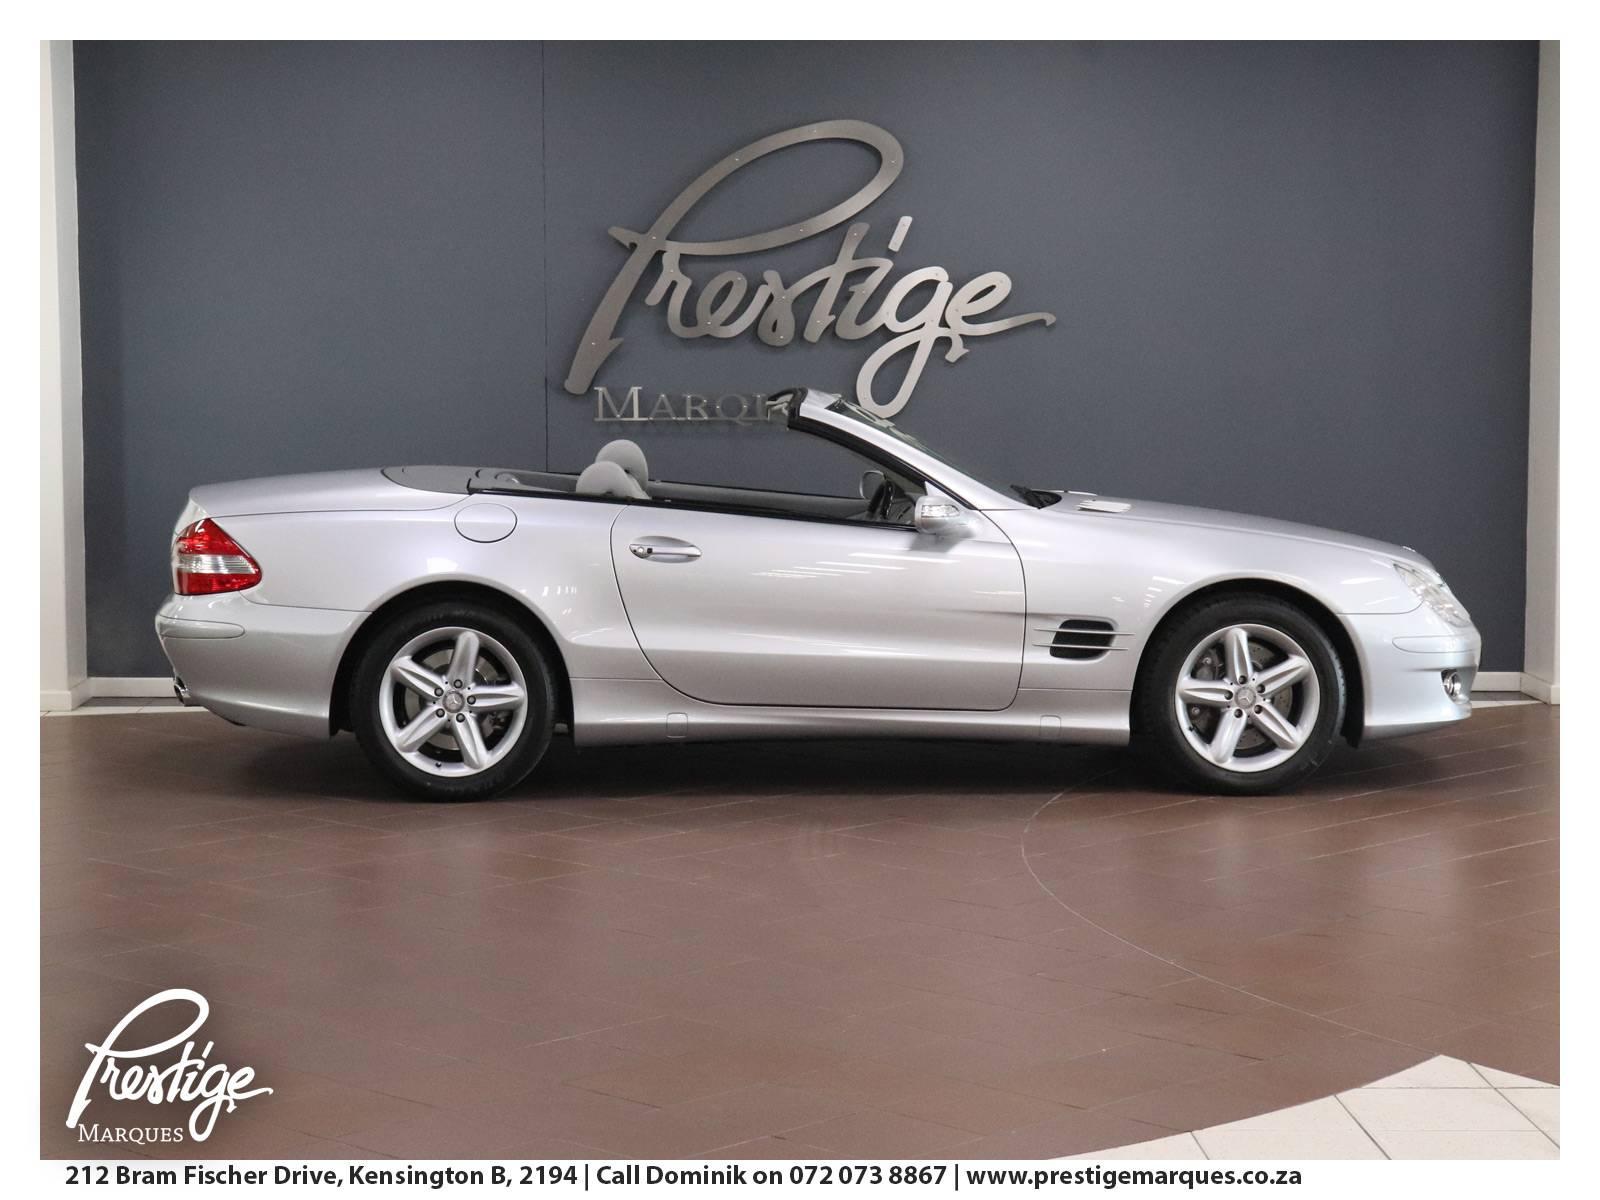 2007-Mercedes-benz-sl500-203-facelift-Prestige-Marques-Randburg-Sandton-3